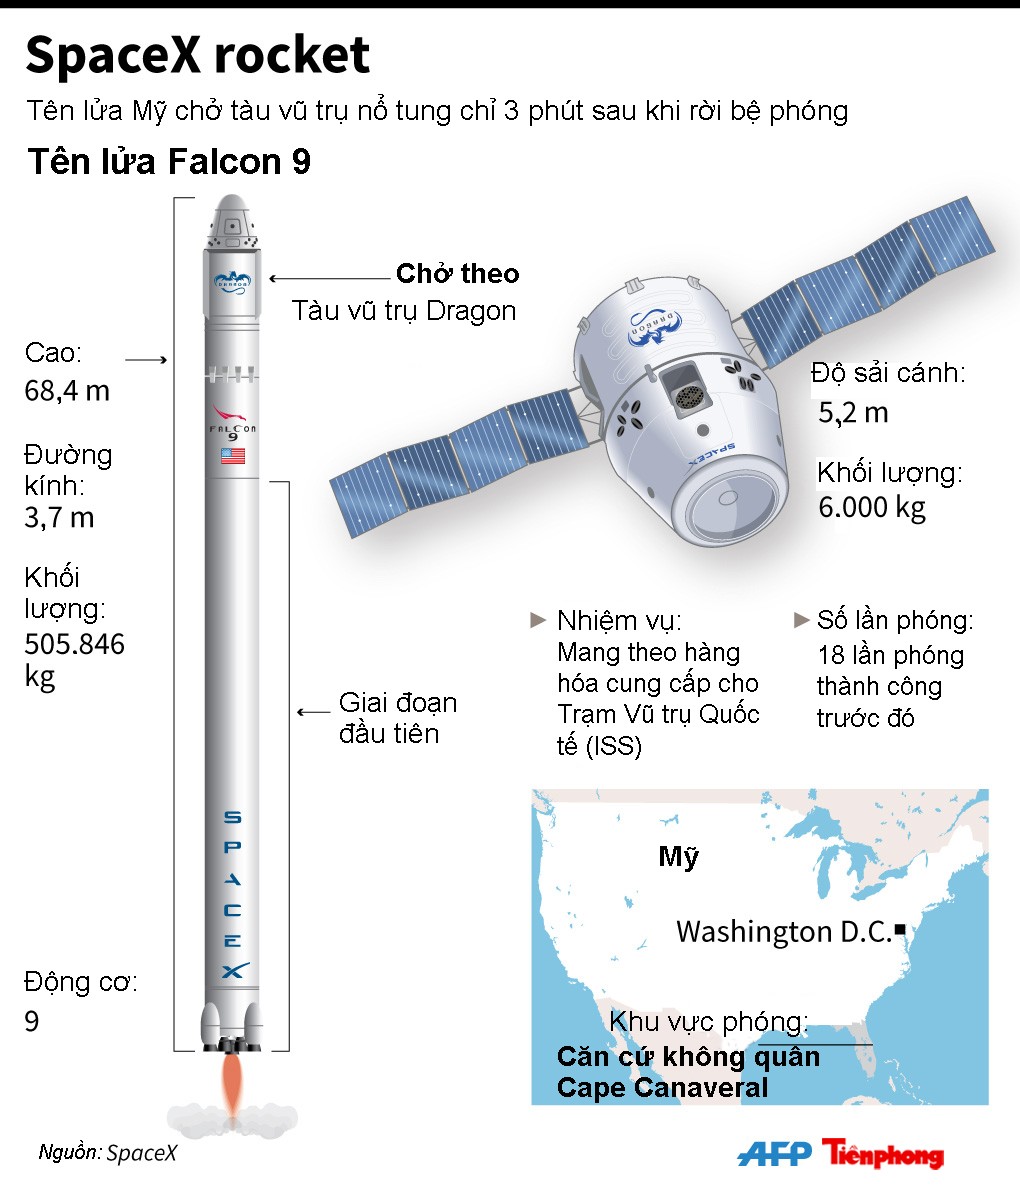 [ĐỒ HOẠ] Cận cảnh tên lửa Falcon 9 nổ tung sau 3 phút rời bệ phóng ảnh 1